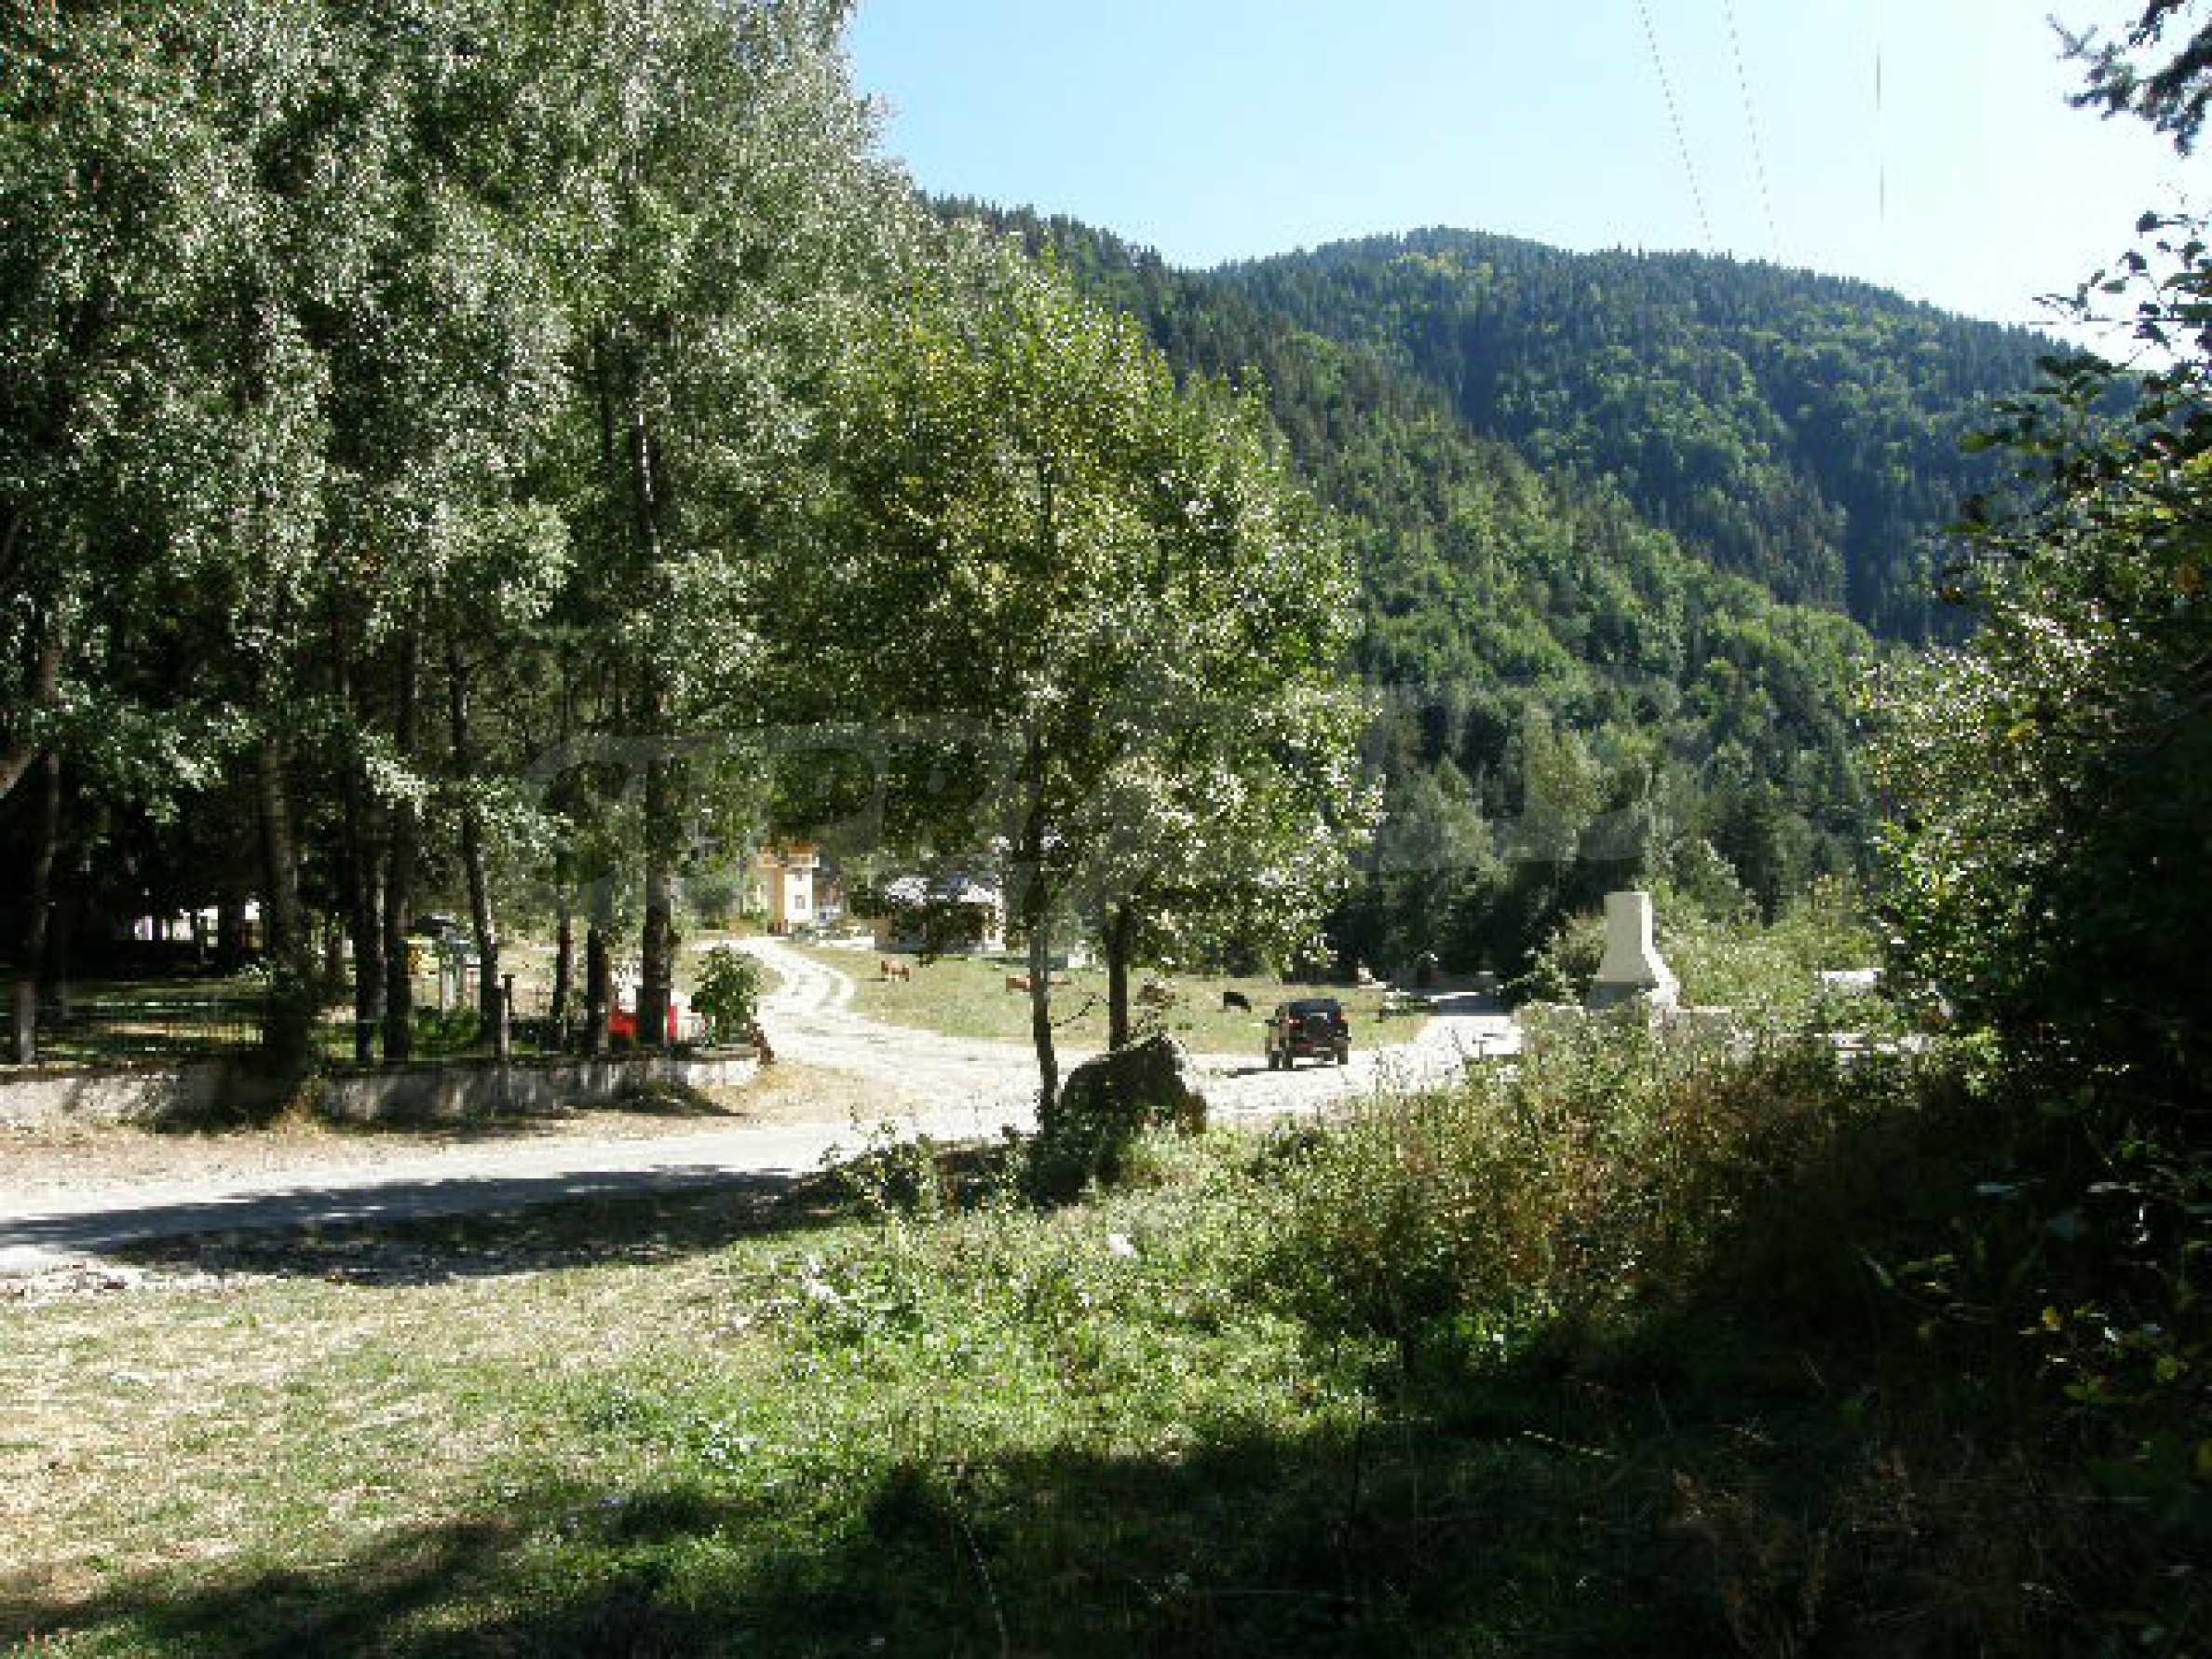 Bauland für ein Feriendorf in der Nähe von Sandanski 10